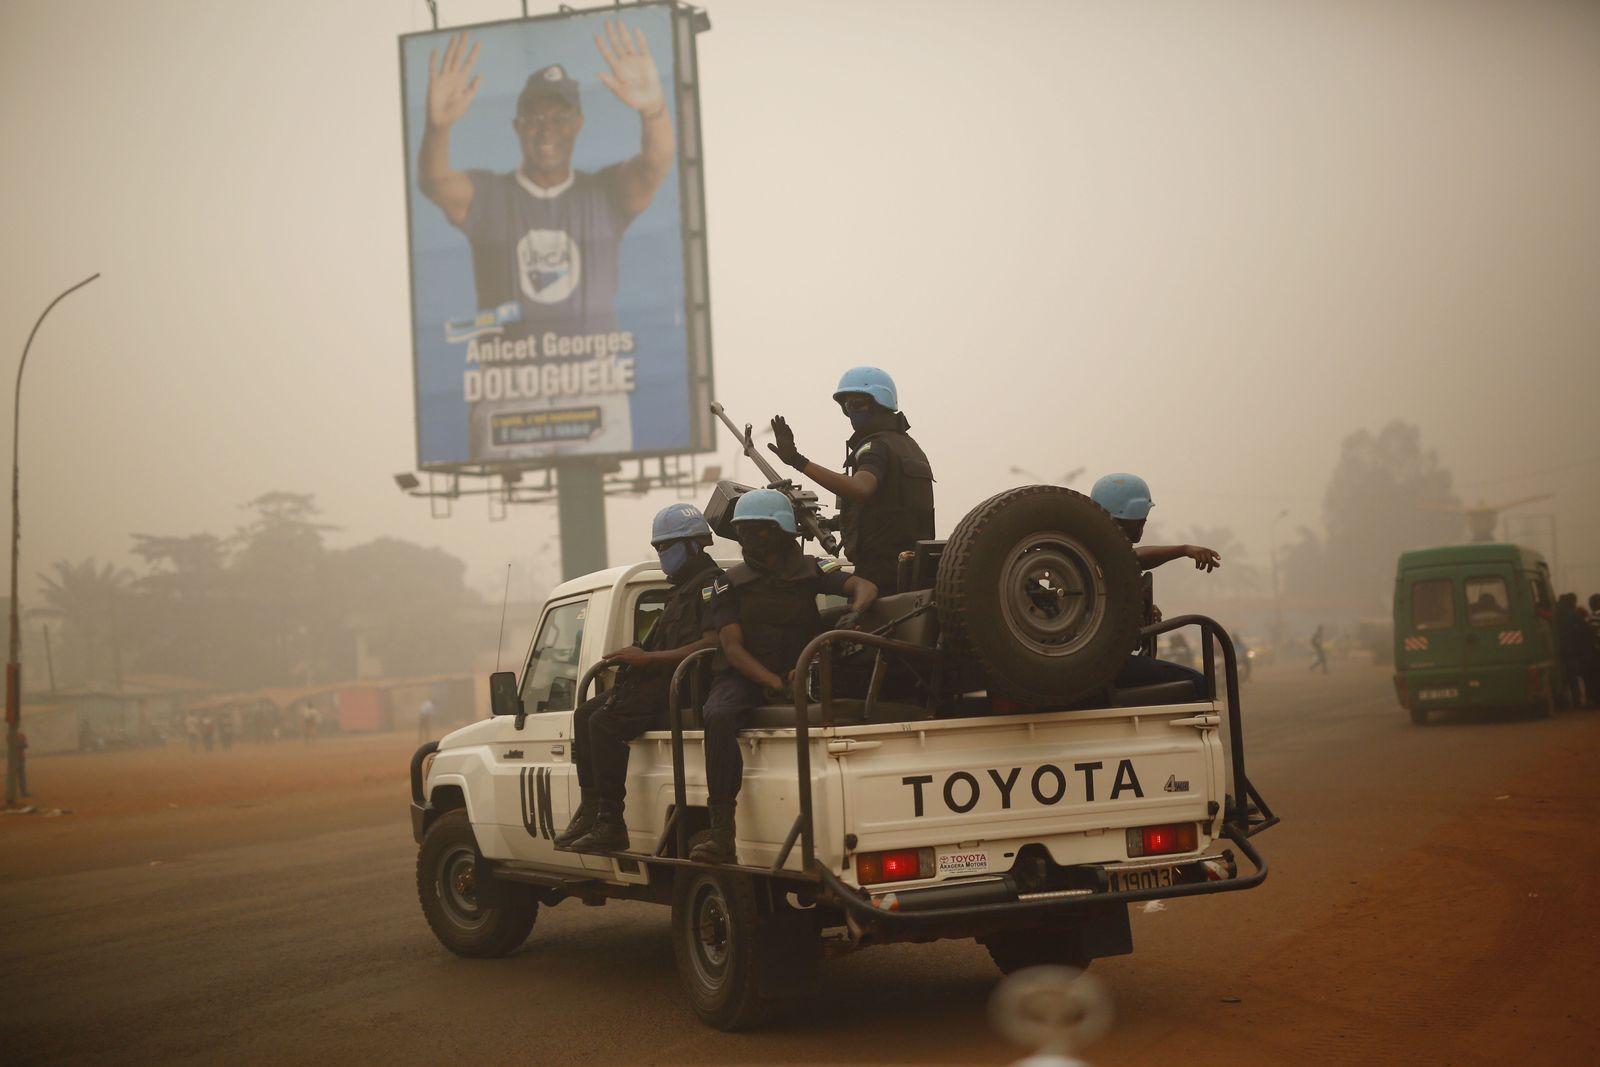 UNO-Blauhelme / Zentralafrikanische Republik / Minusca